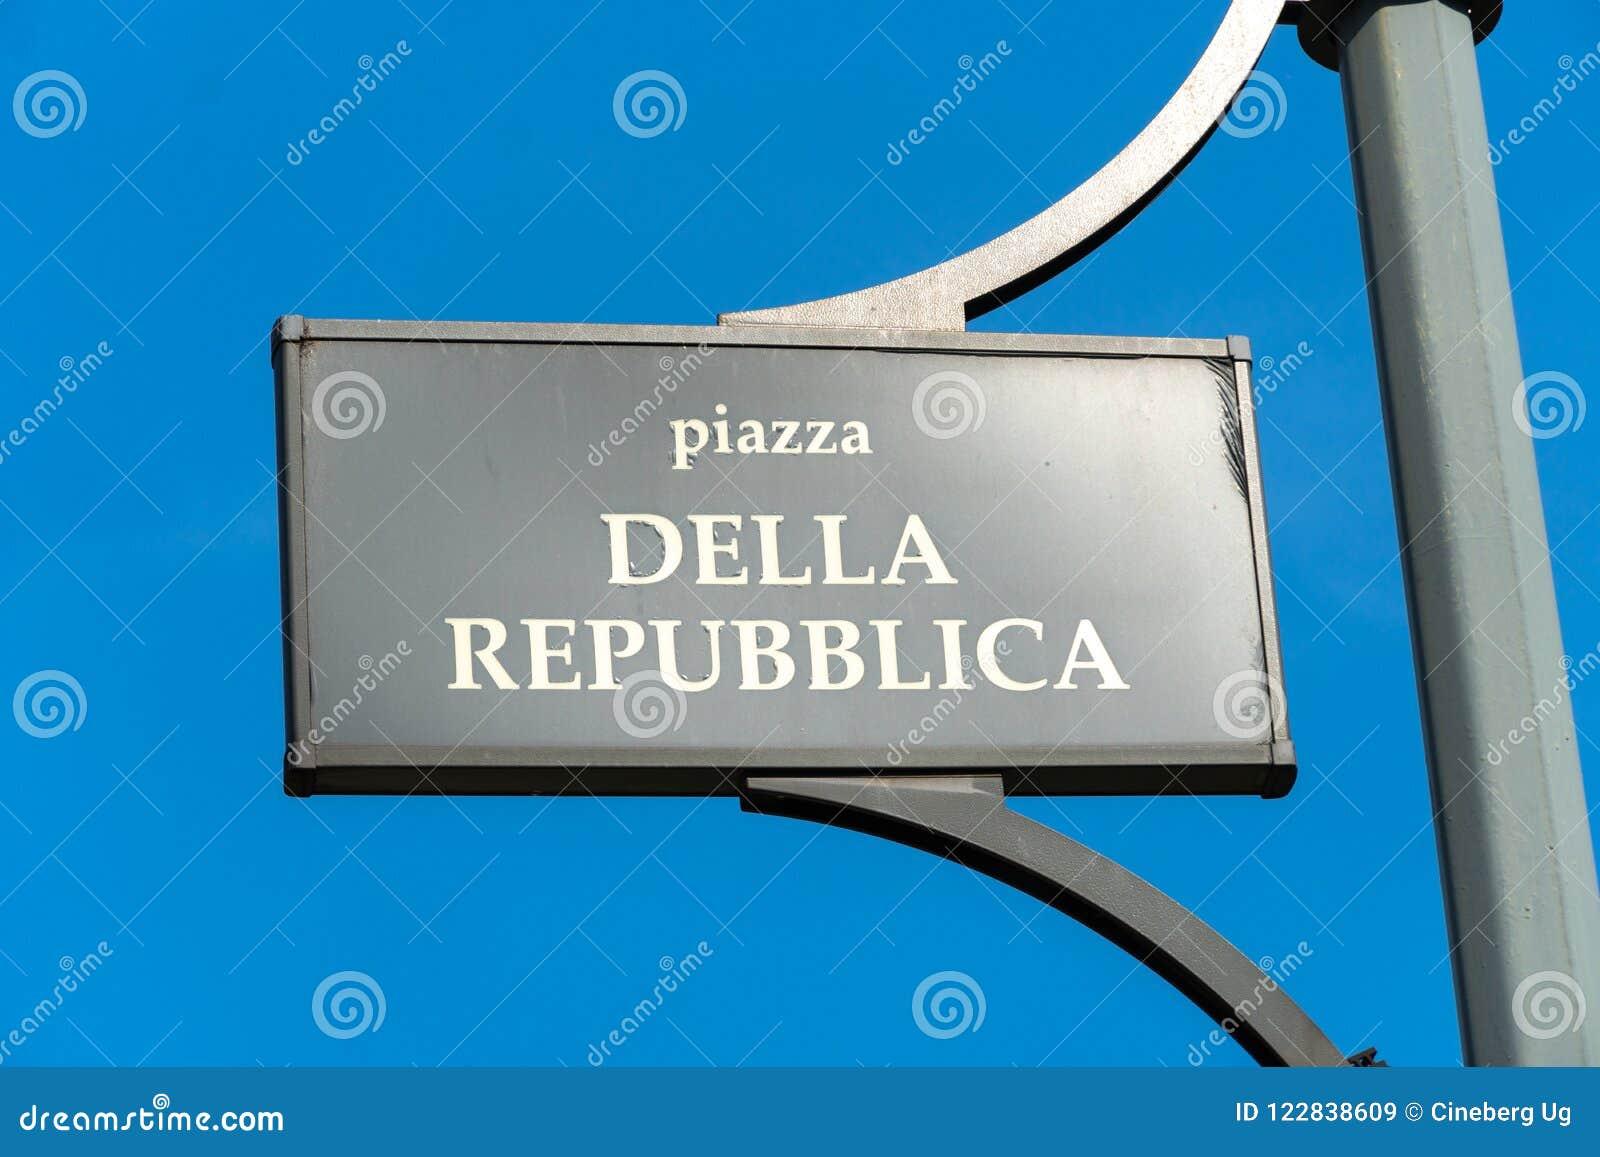 Piazza della Repubblica in Milaan, Italië